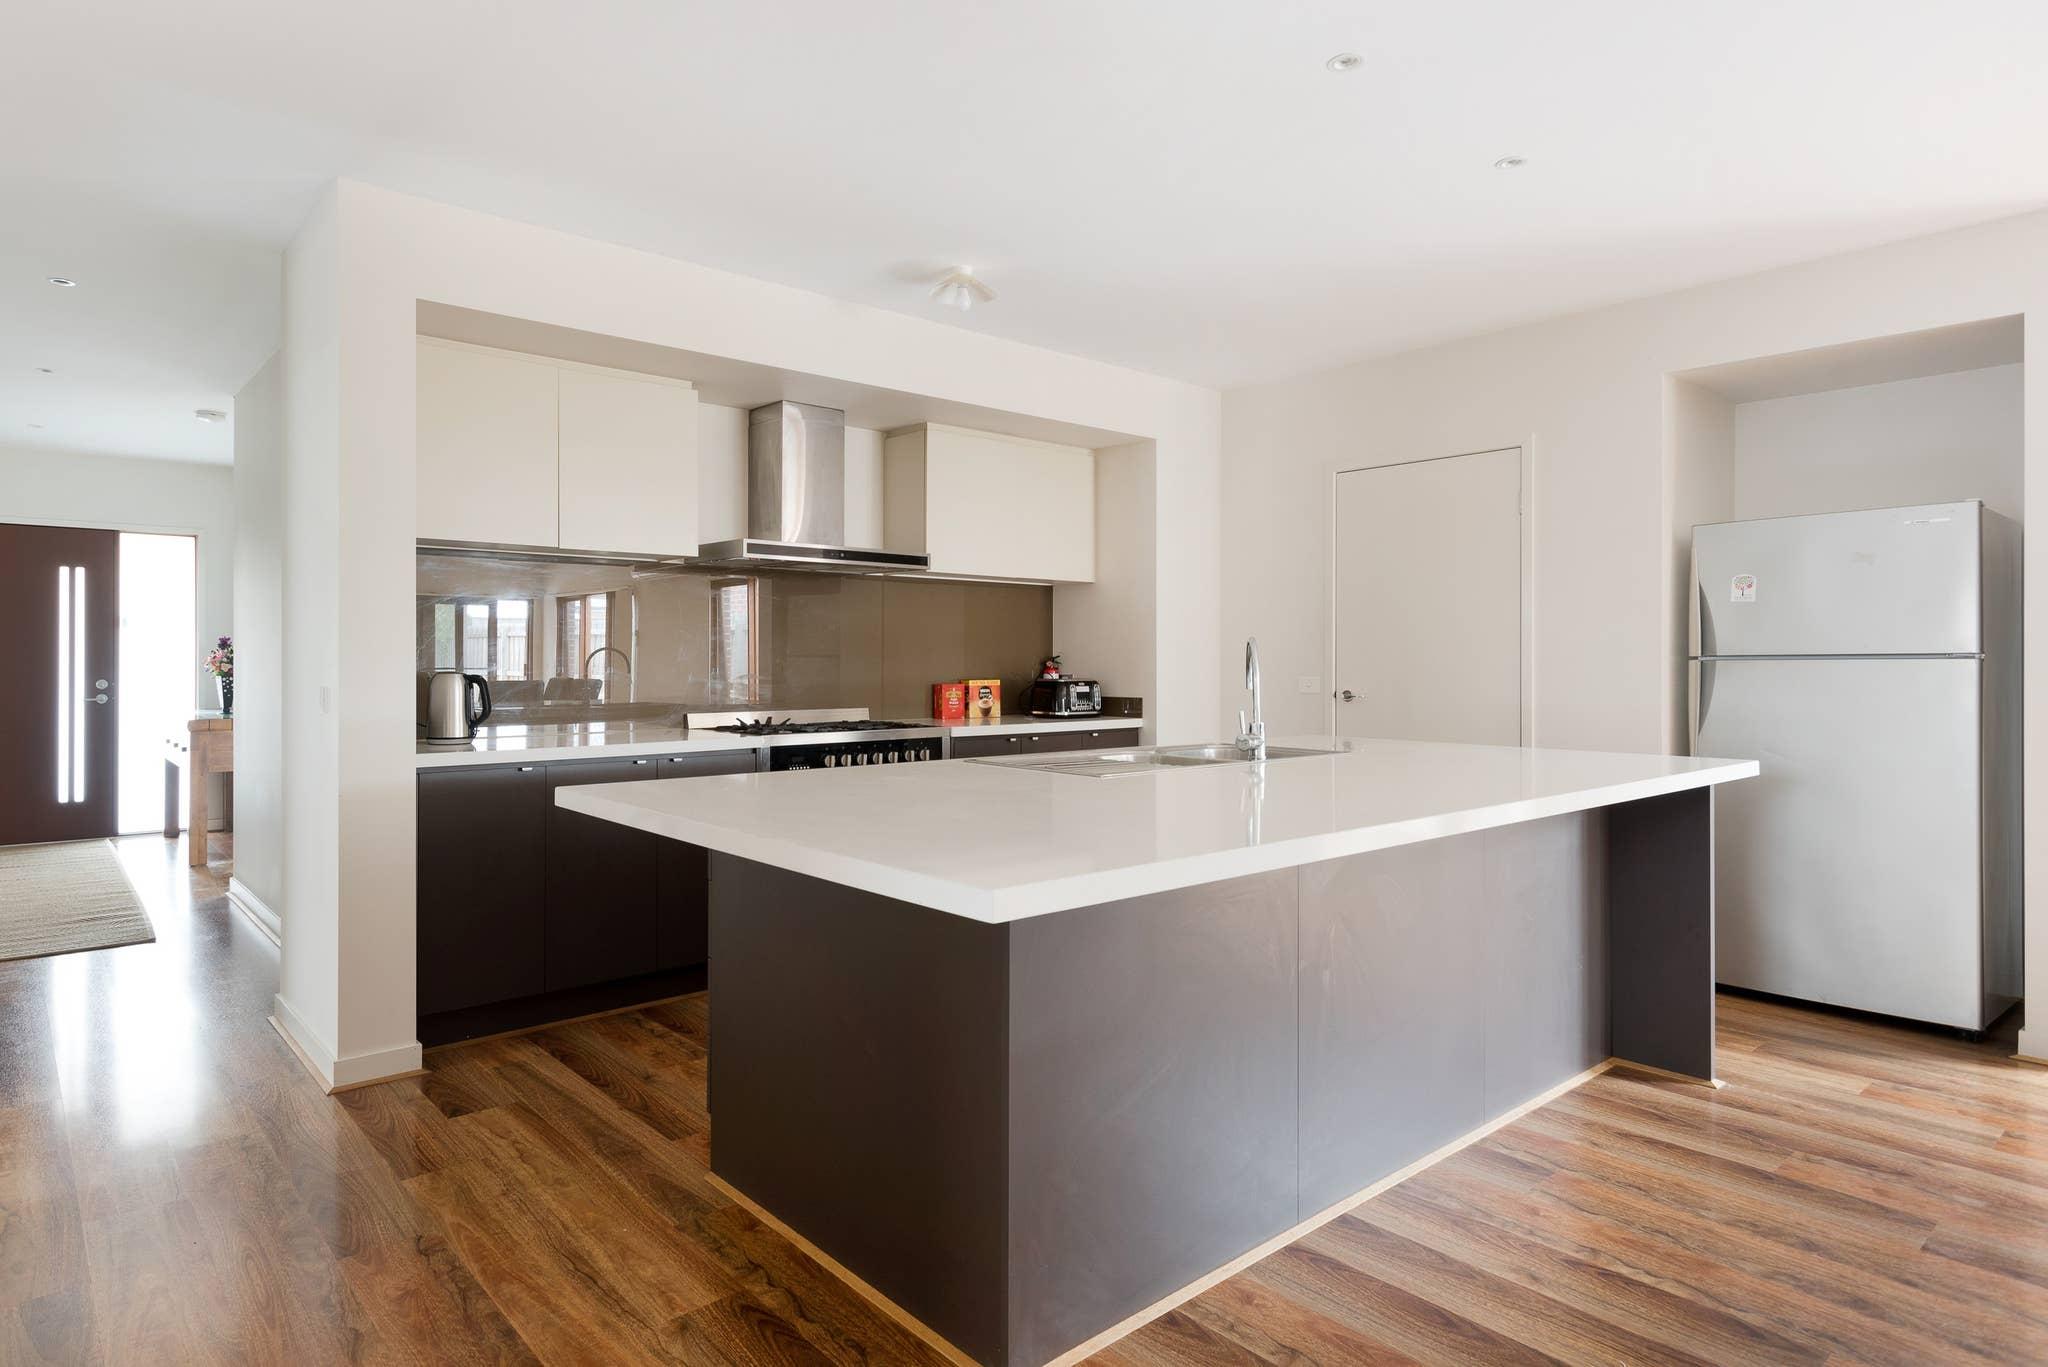 Ferienhaus 5br Luxushaus 20 Min bis Cbd Gerumiges Wohnen (2704199), Point Cook, , Victoria, Australien, Bild 5